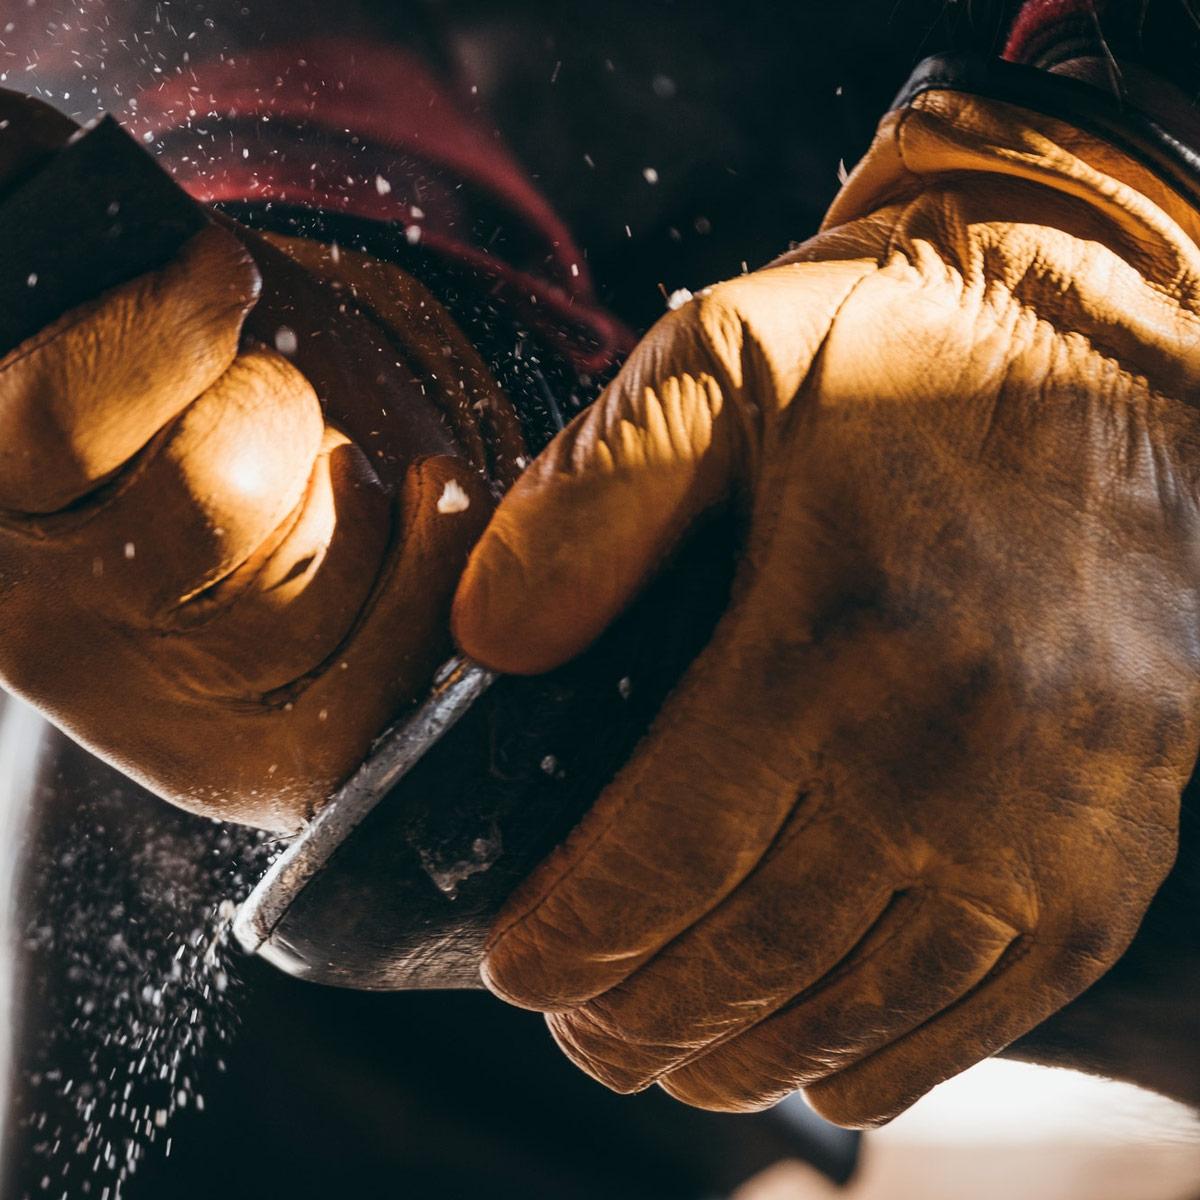 Filson Original Lined Goatskin Gloves 11062022-Tan, gevoerd met Merinowol, voor isolatie in koude omstandigheden